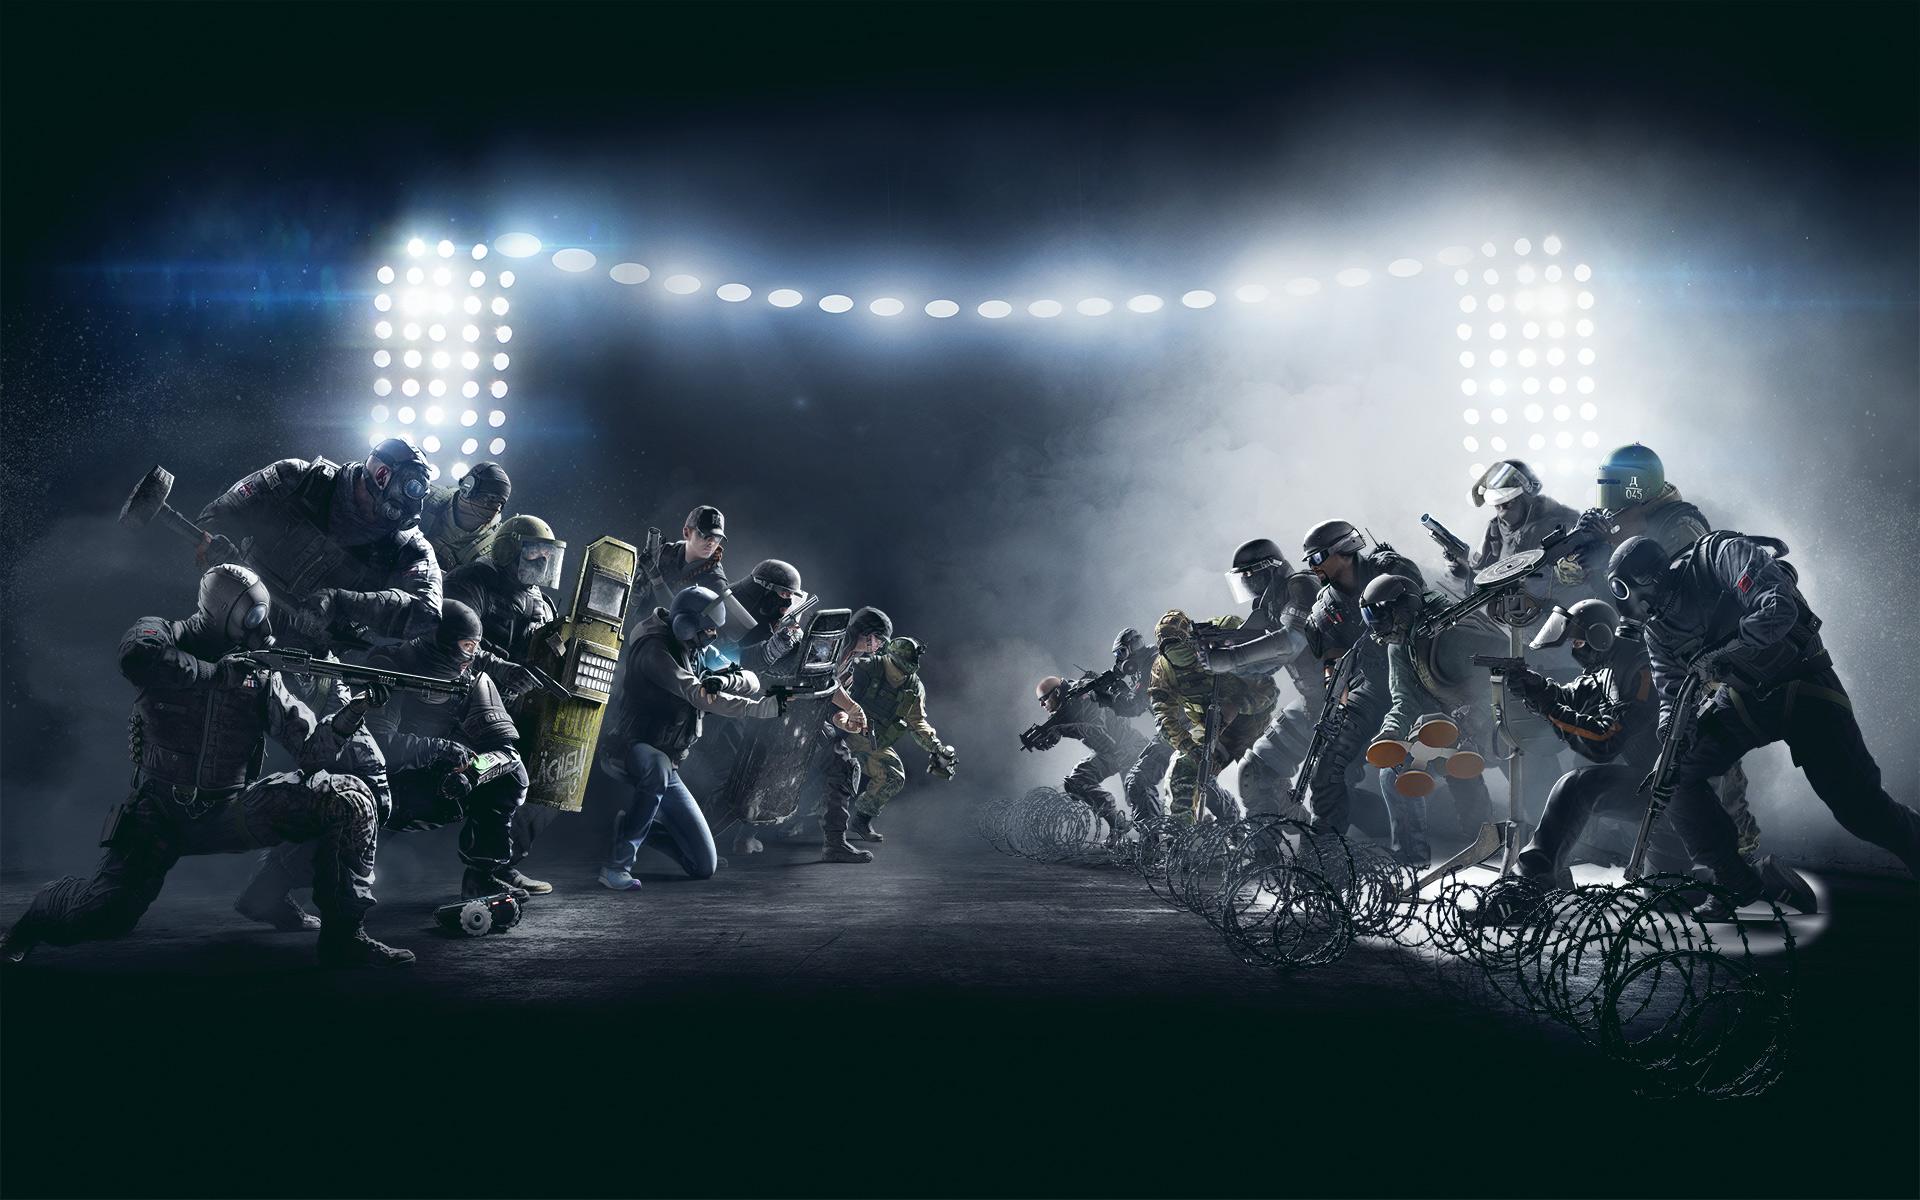 Rainbow Six Siege čeká podpora i na next-gen konzolích, na pokračování se nepracuje